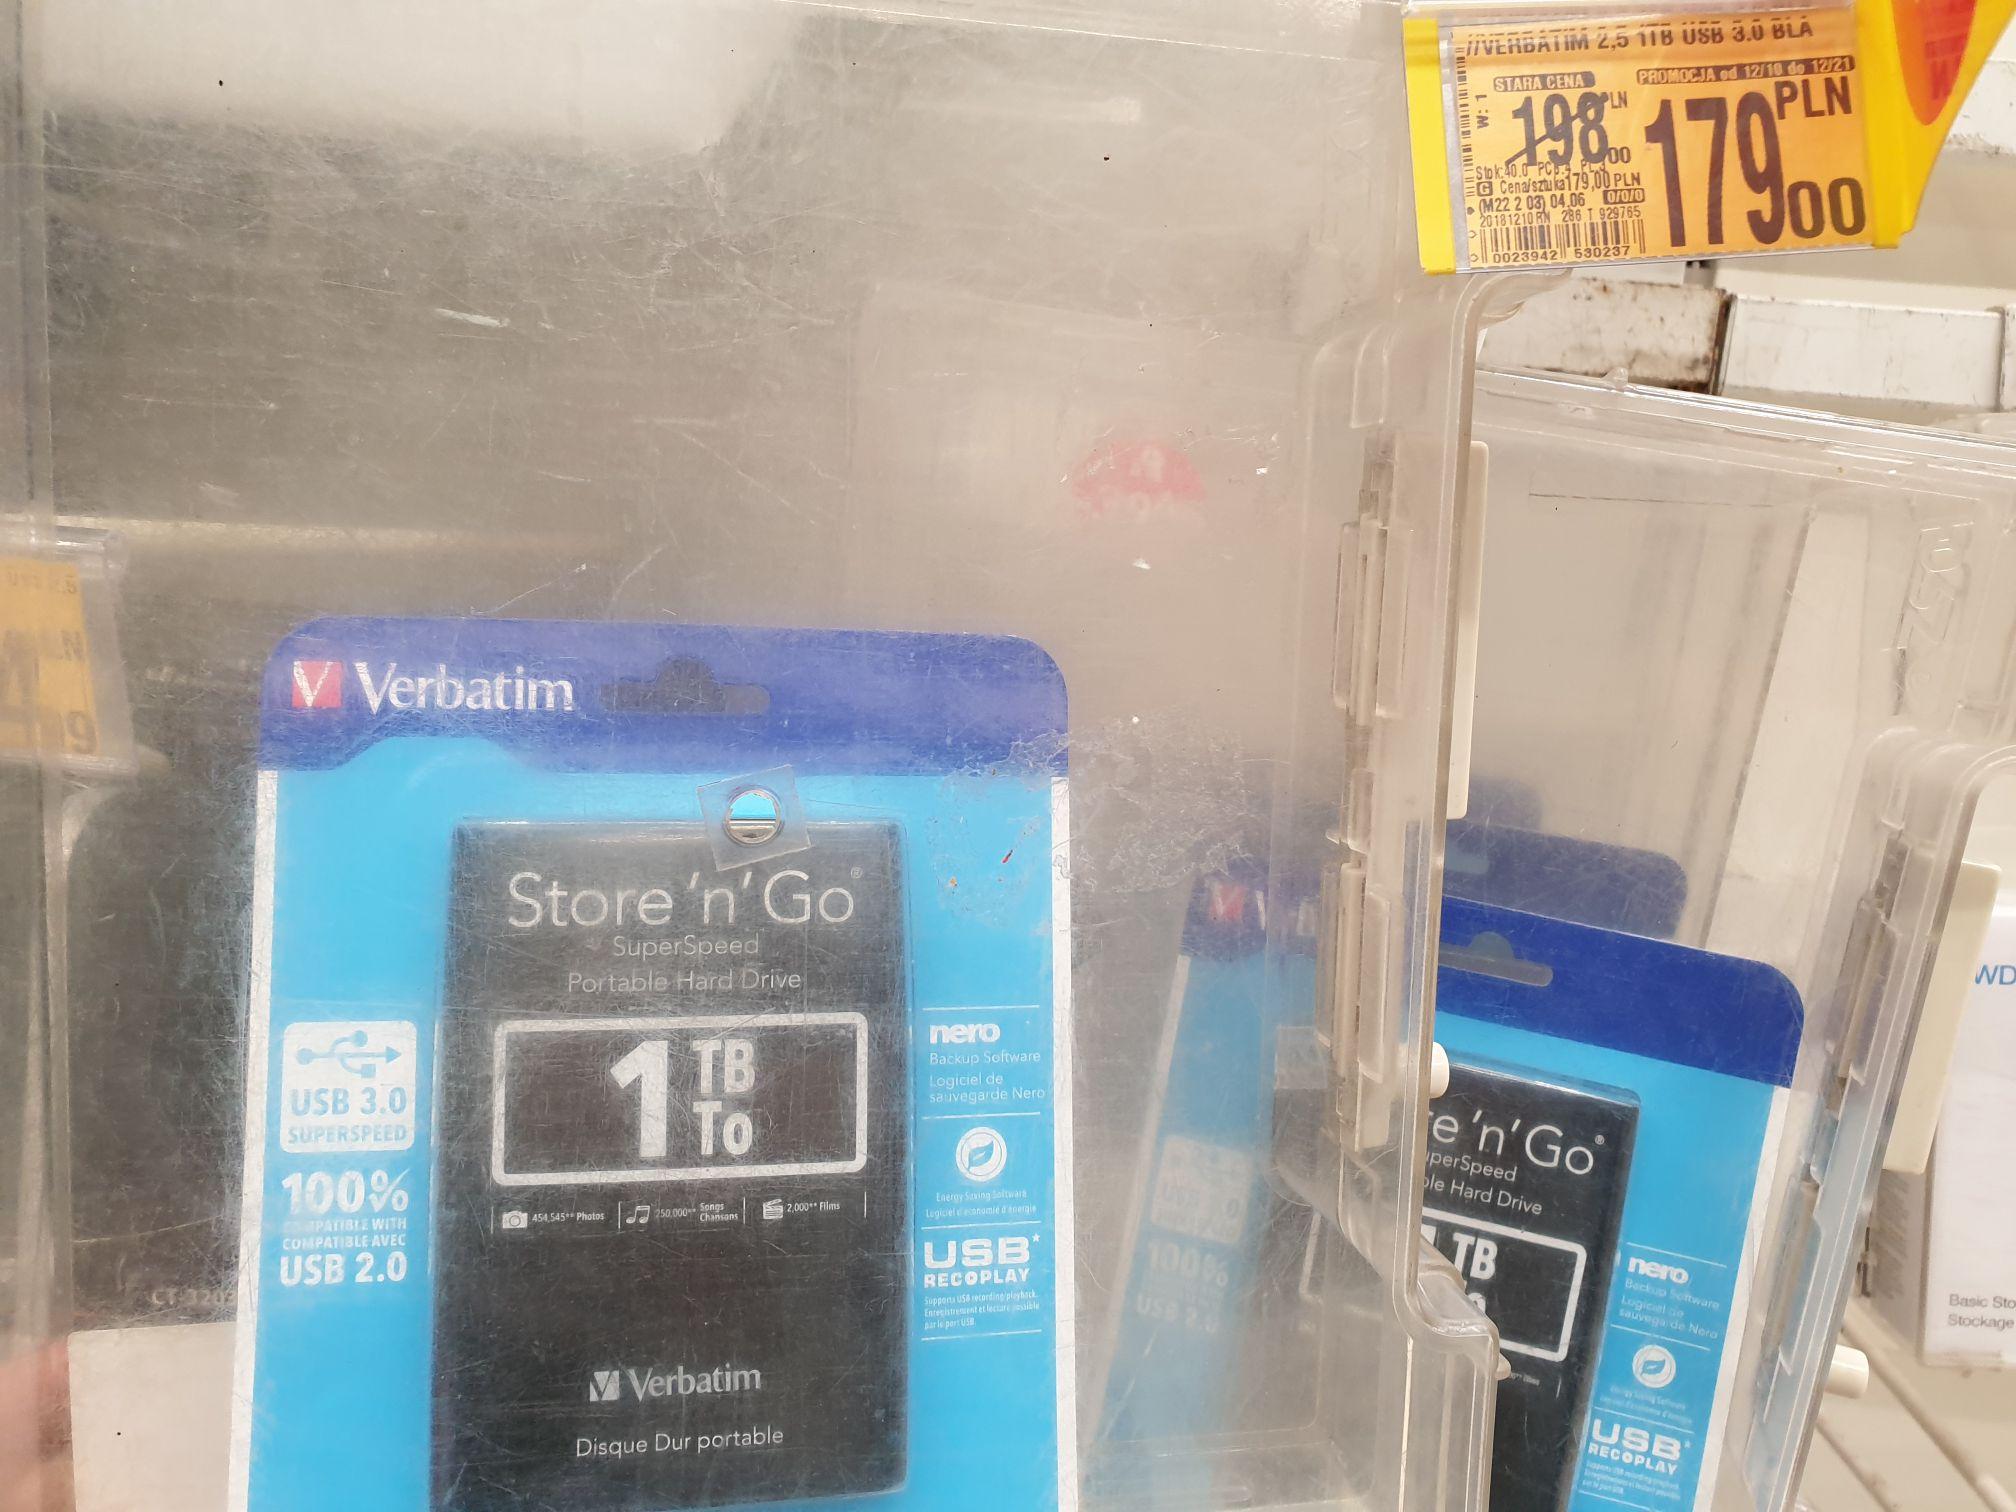 Dysk zewnętrzny Verbatim 2.5 1TB USB 3.0 @ Auchan (Warszawa)